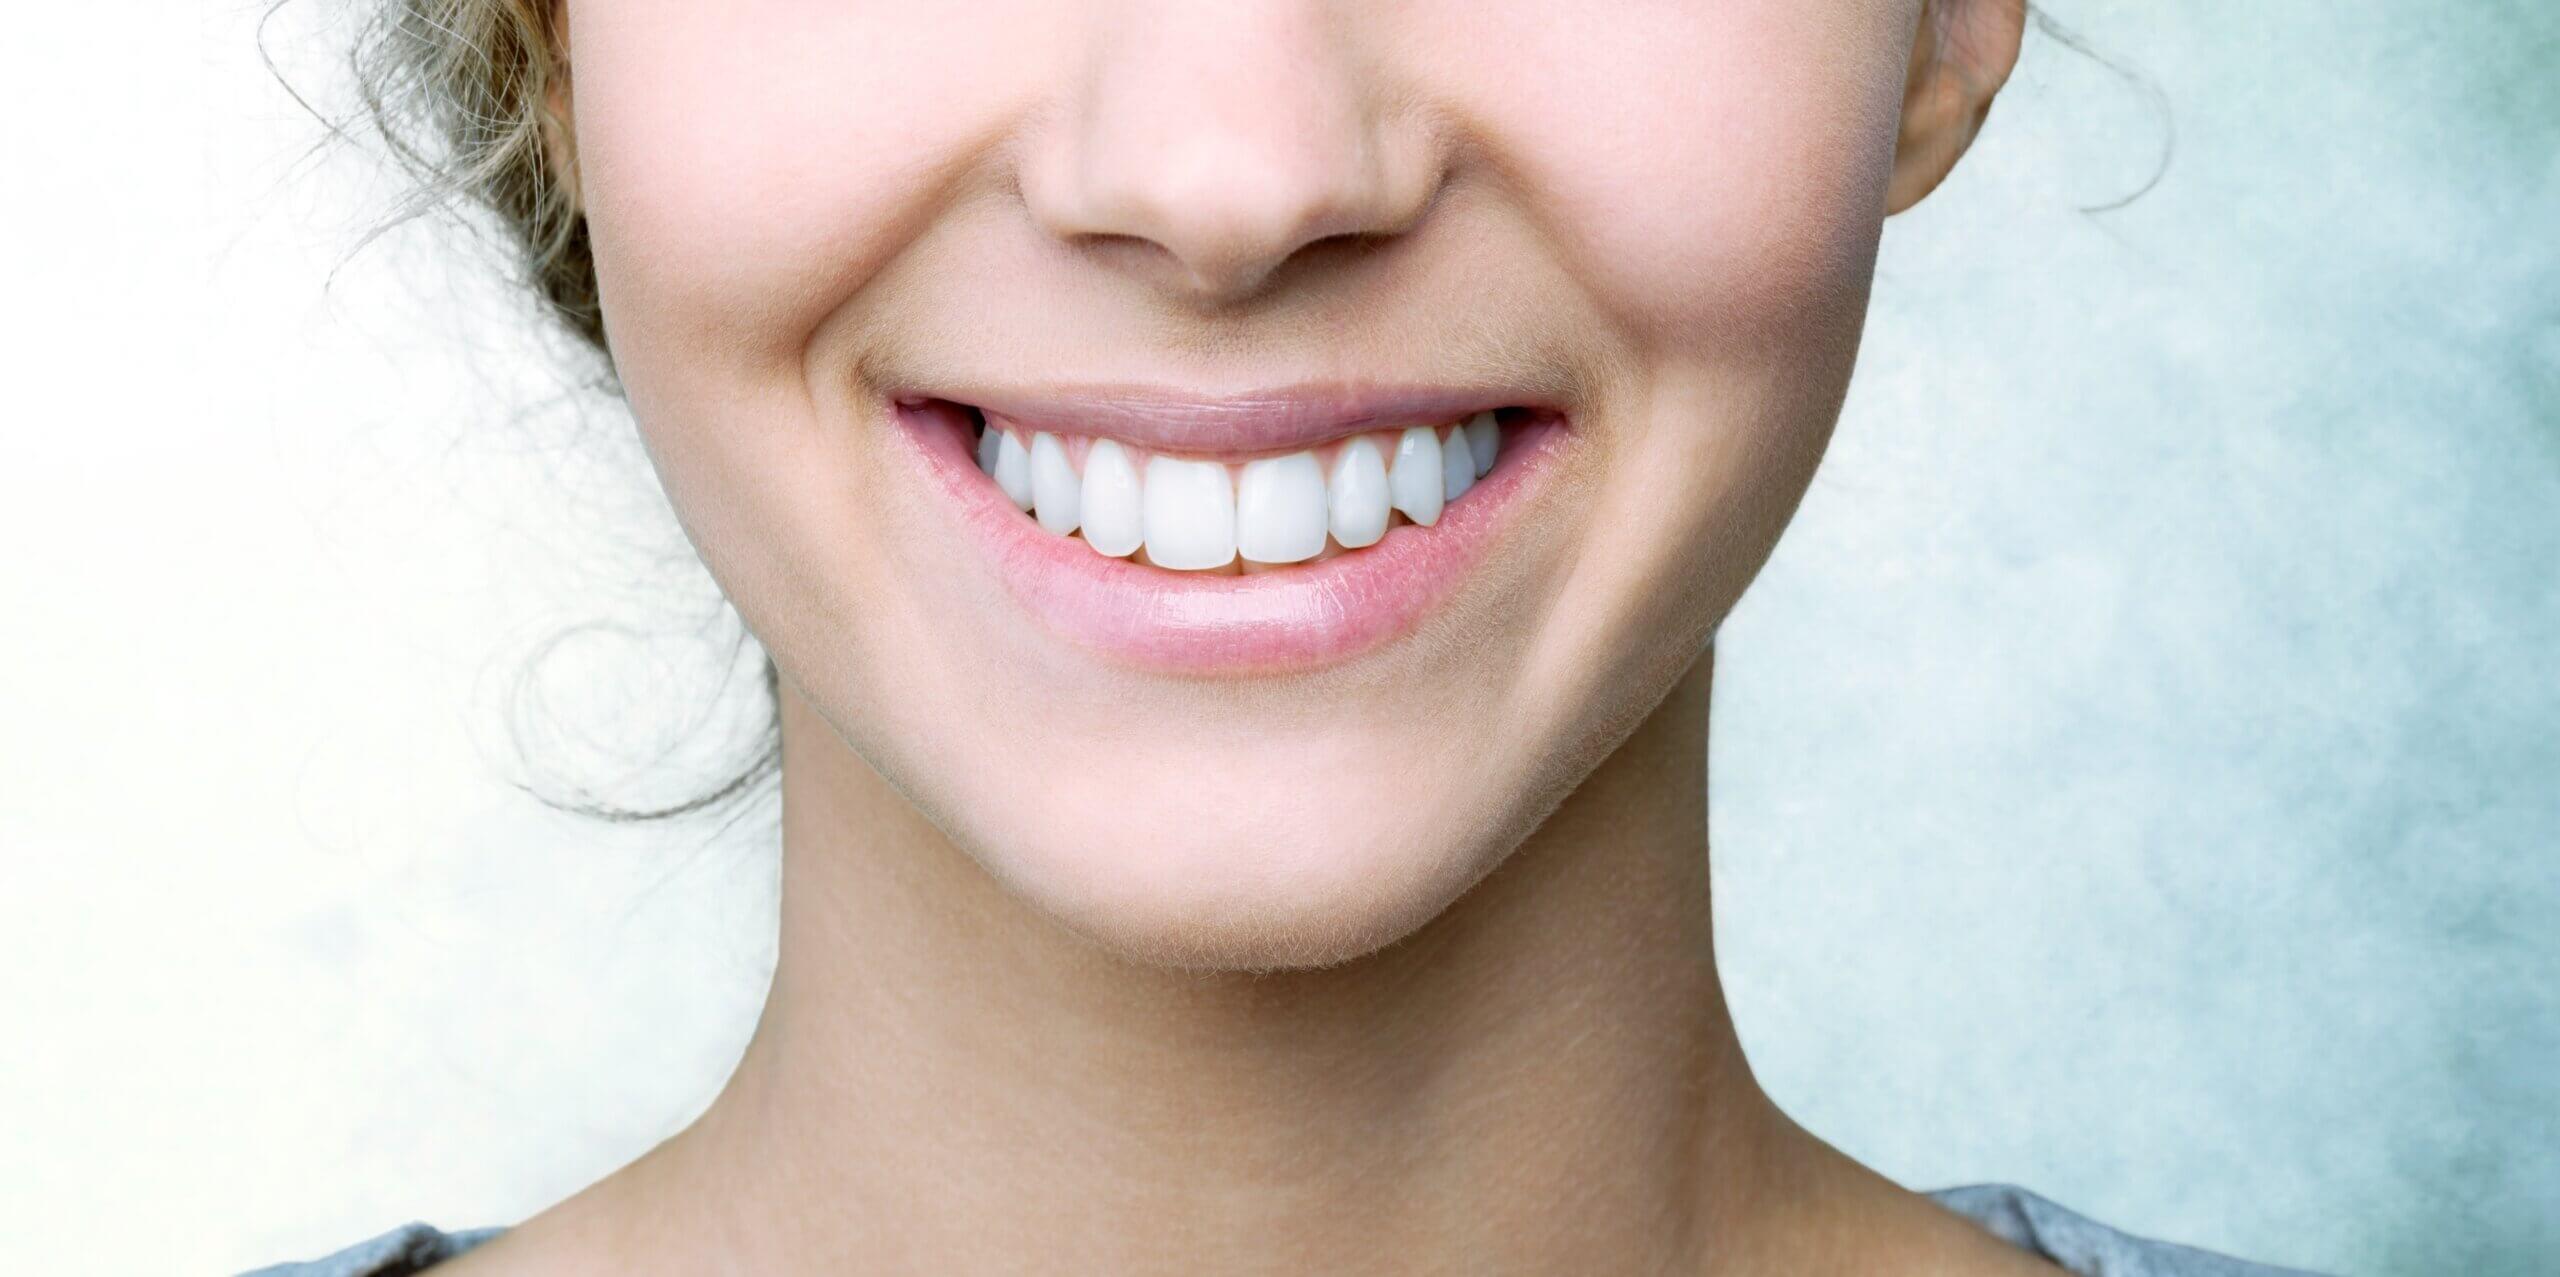 Undgå sygdomme i tænder og tandkød